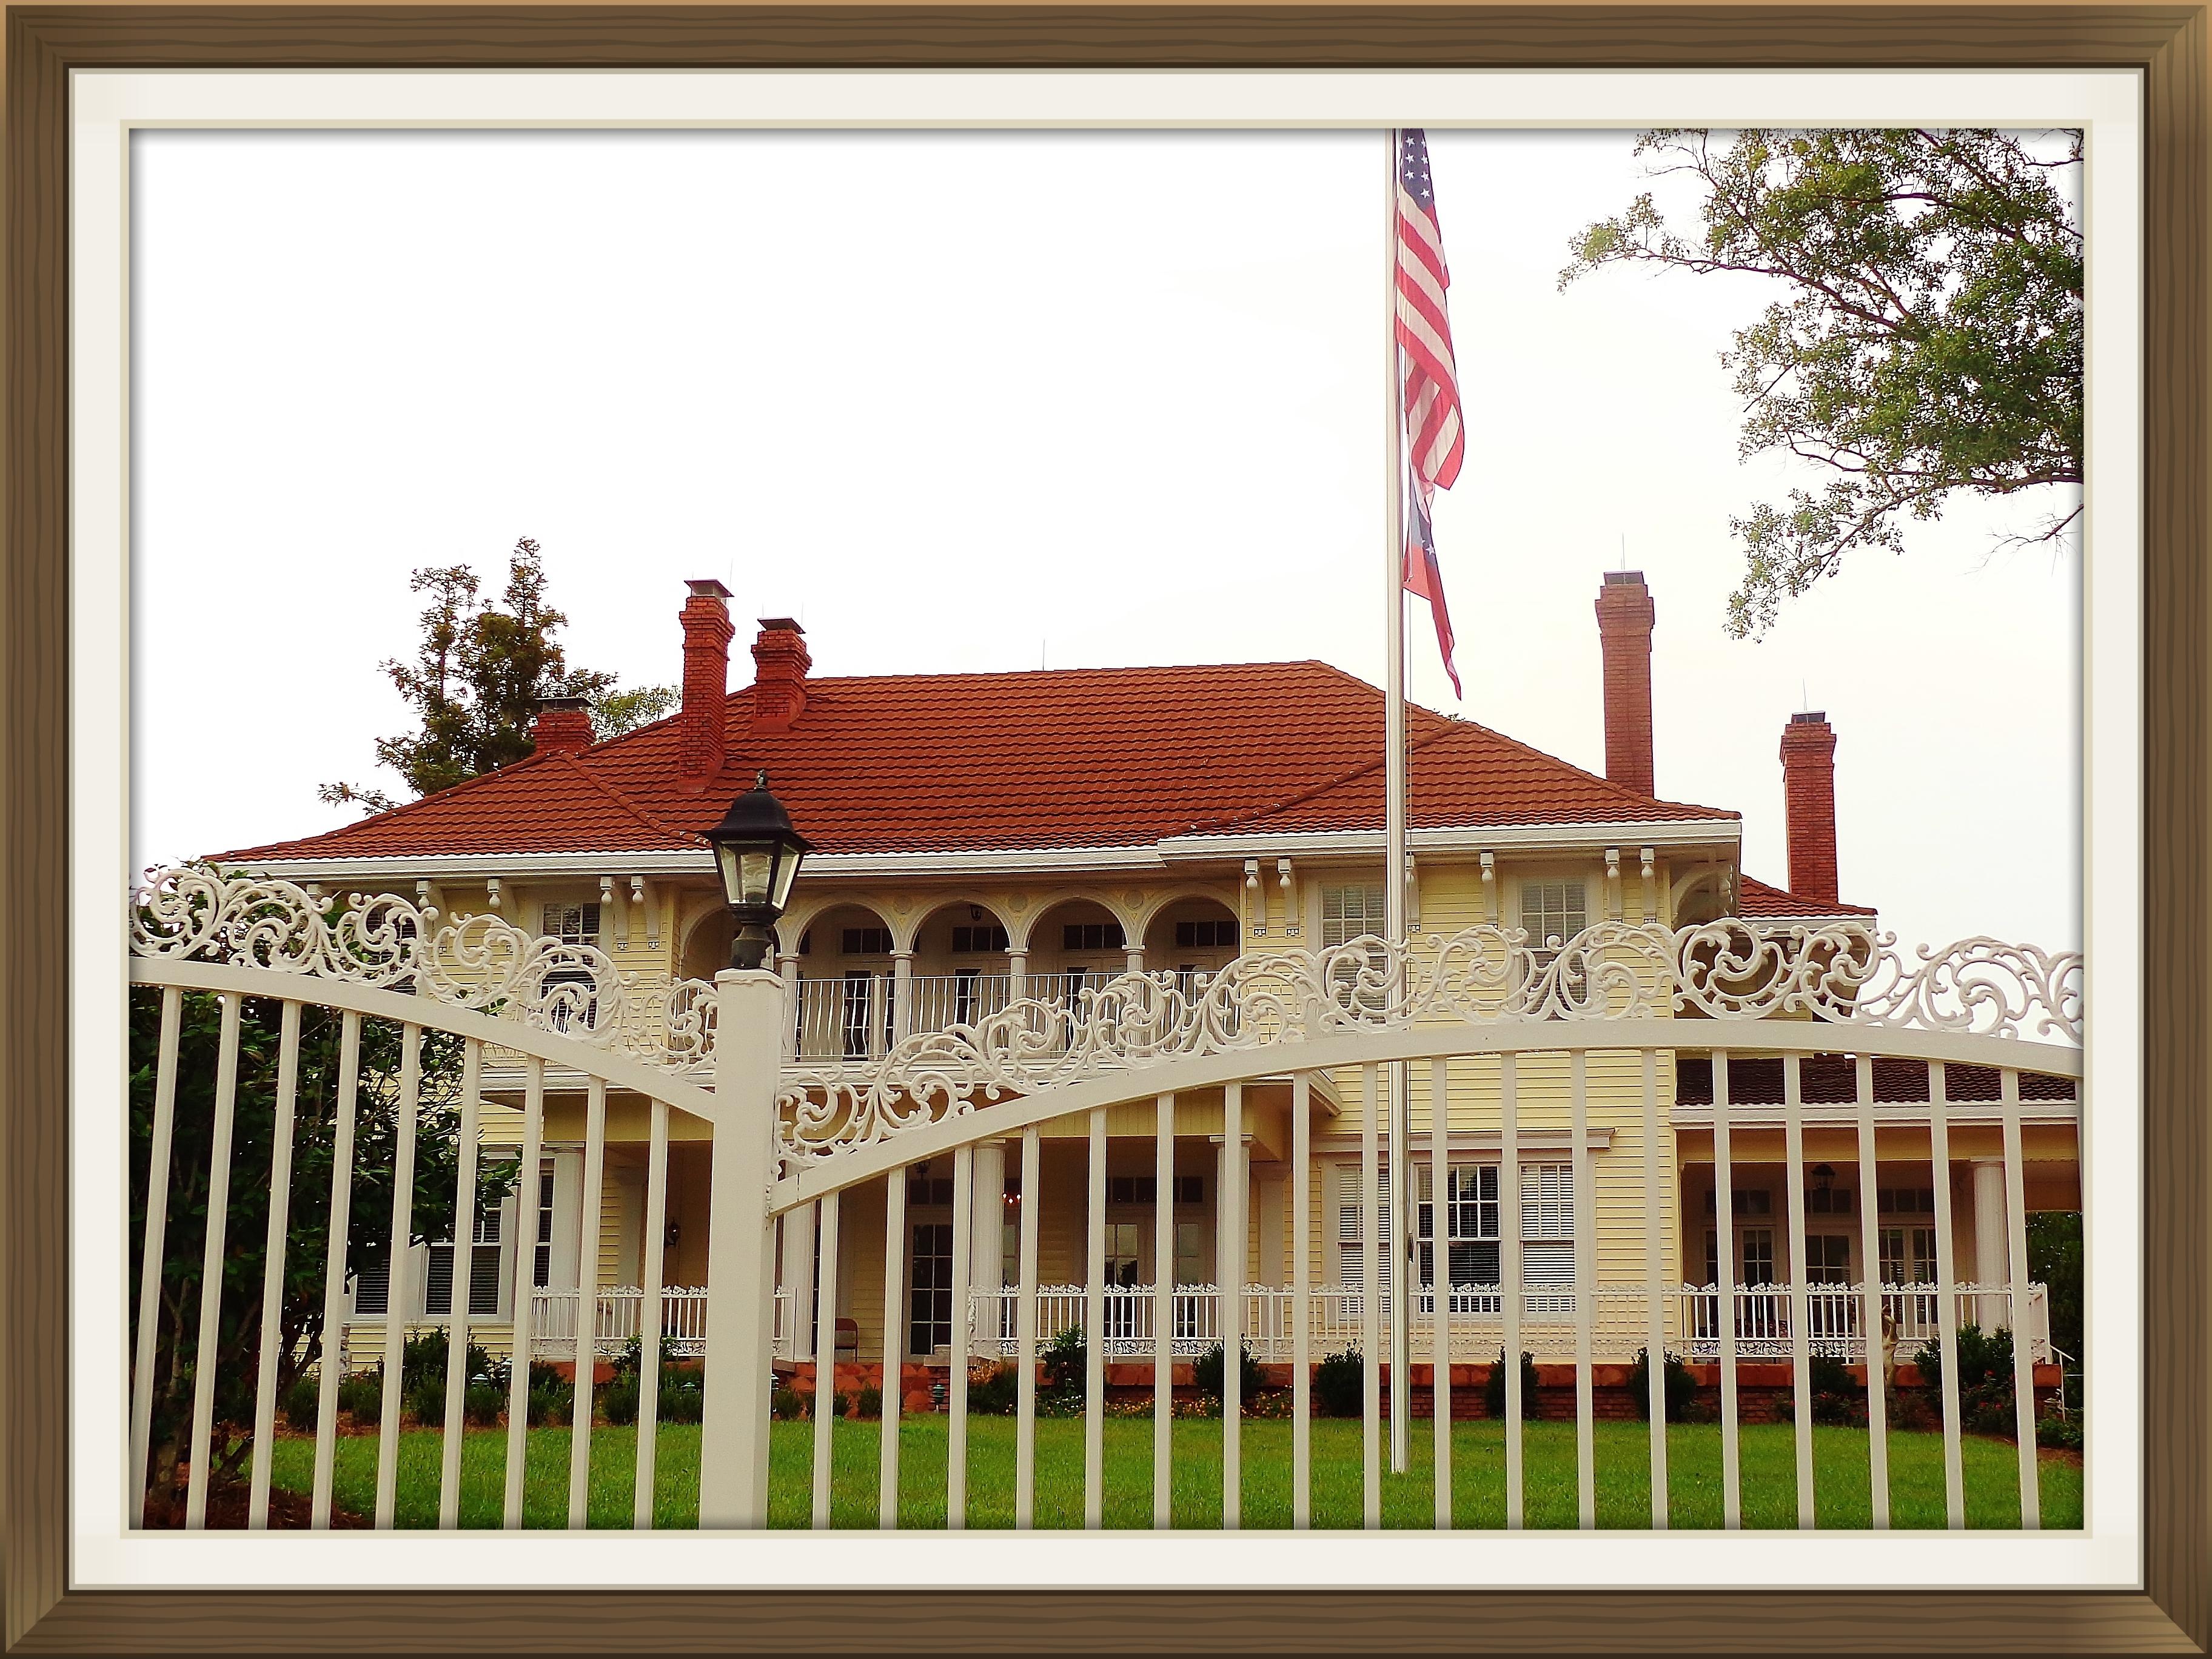 Fenêtre maison porche chalet façade belvédère design dintérieur cadre biens floride létat